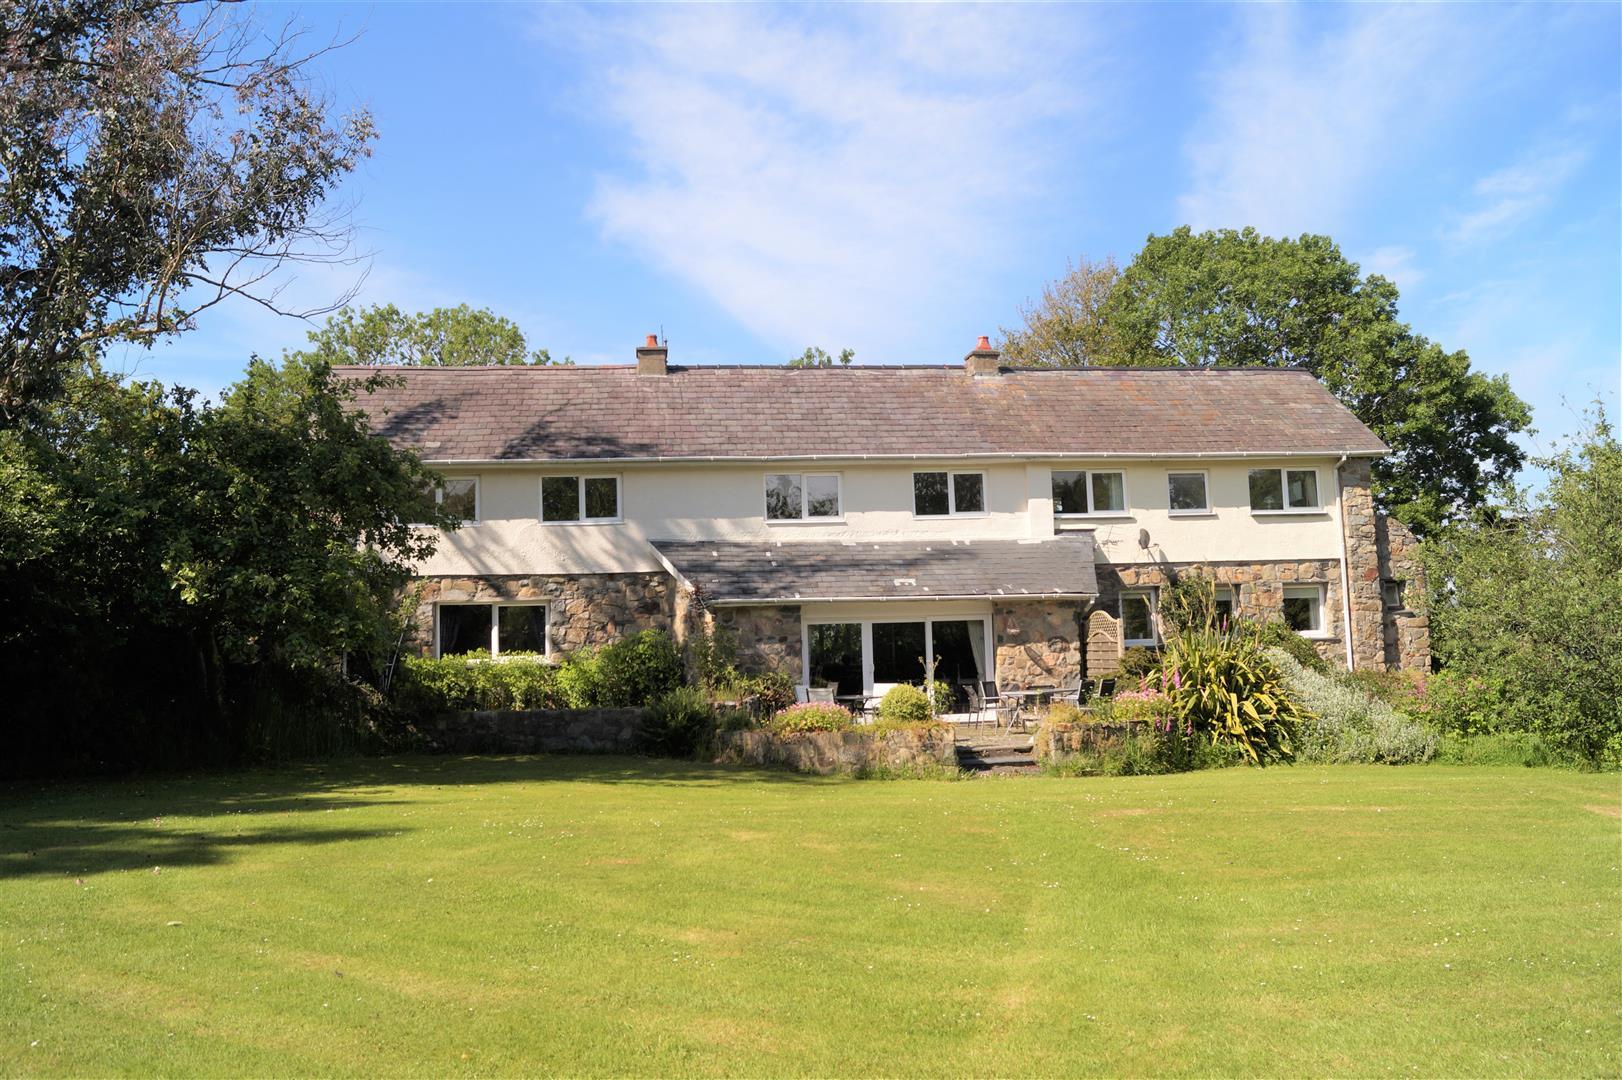 Rhosfawr, Pwllheli - £415,000